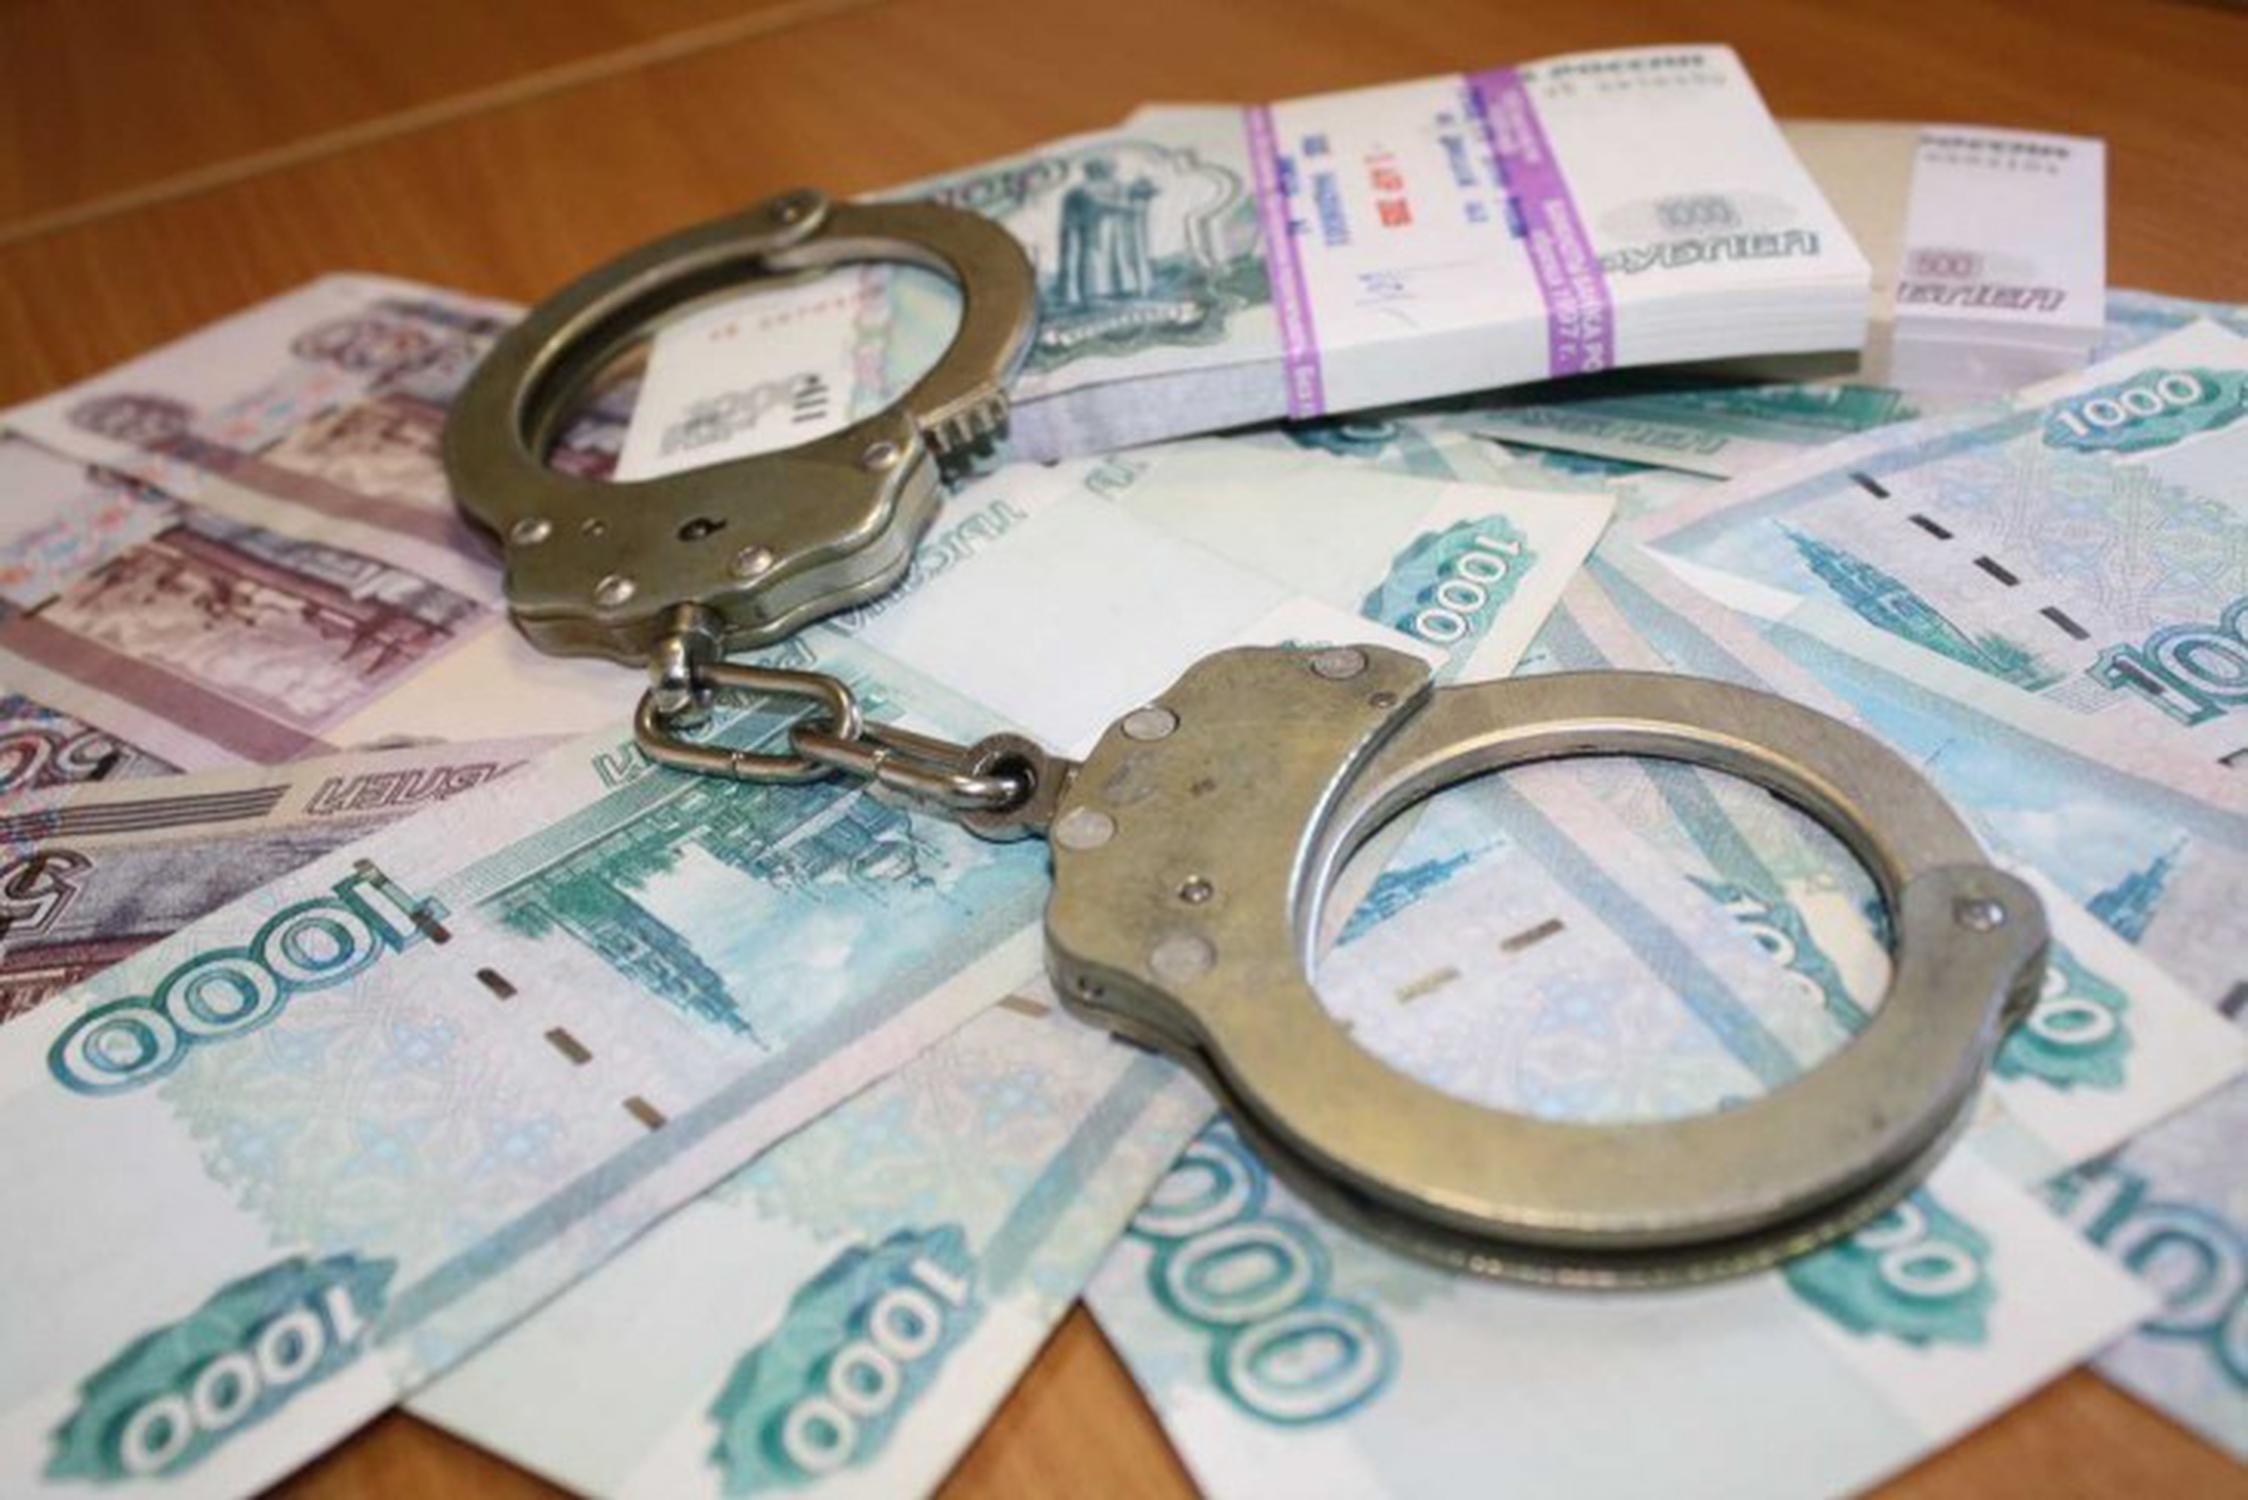 Прокуратурой Рубцовска в суд направлено уголовное дело по  обвинению бывшего главного бухгалтера МБОУ «Спортивный клуб «Торпедо» в хищении денежных средств